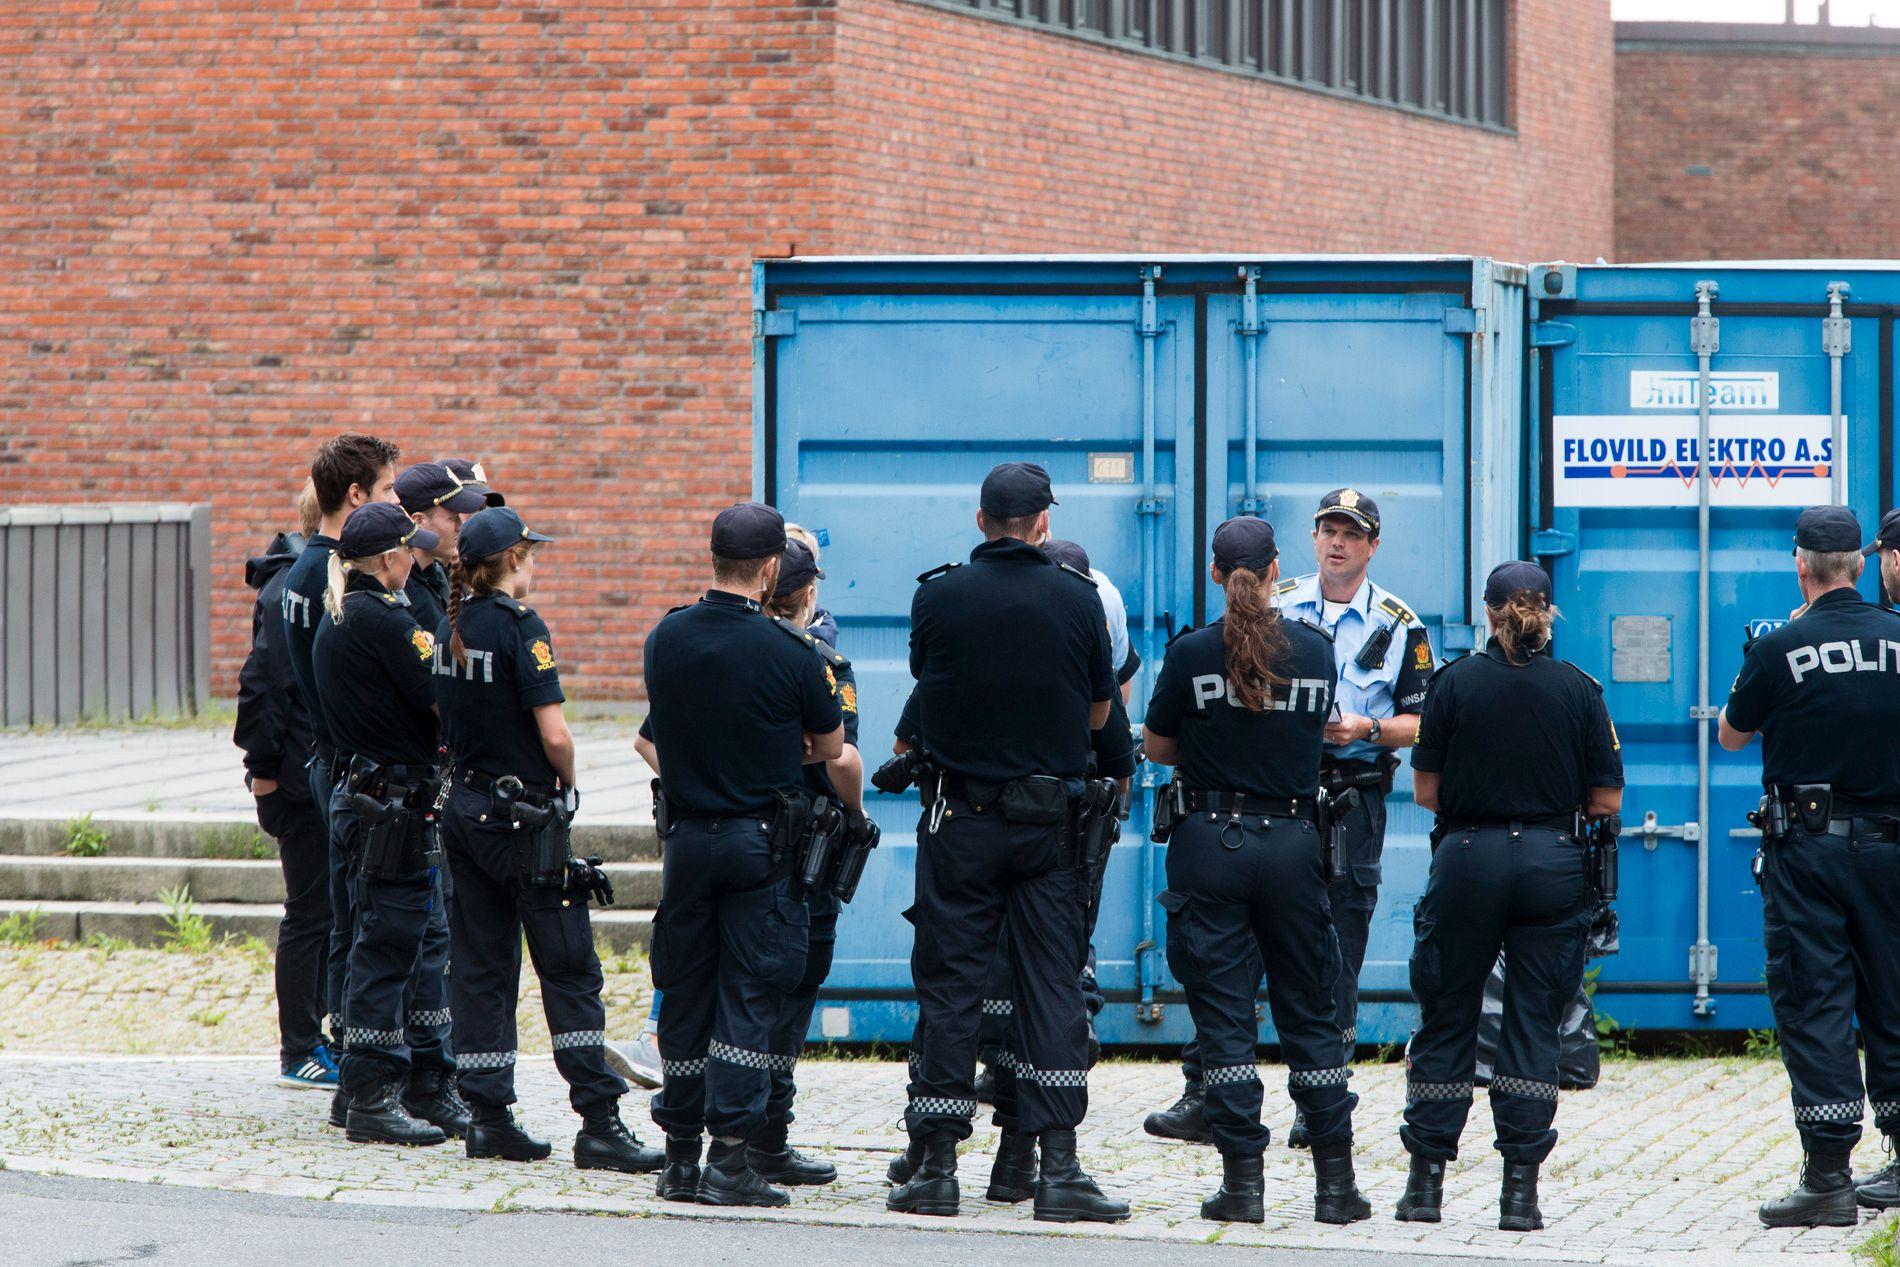 PÅ STEDET: Politiet rykket ut med store mannskaper 5. august i fjor etter melding om skyting og en mulig bombe på Universitet i Oslo på Blindern i Oslo. Her gis det informasjon til et politilag.